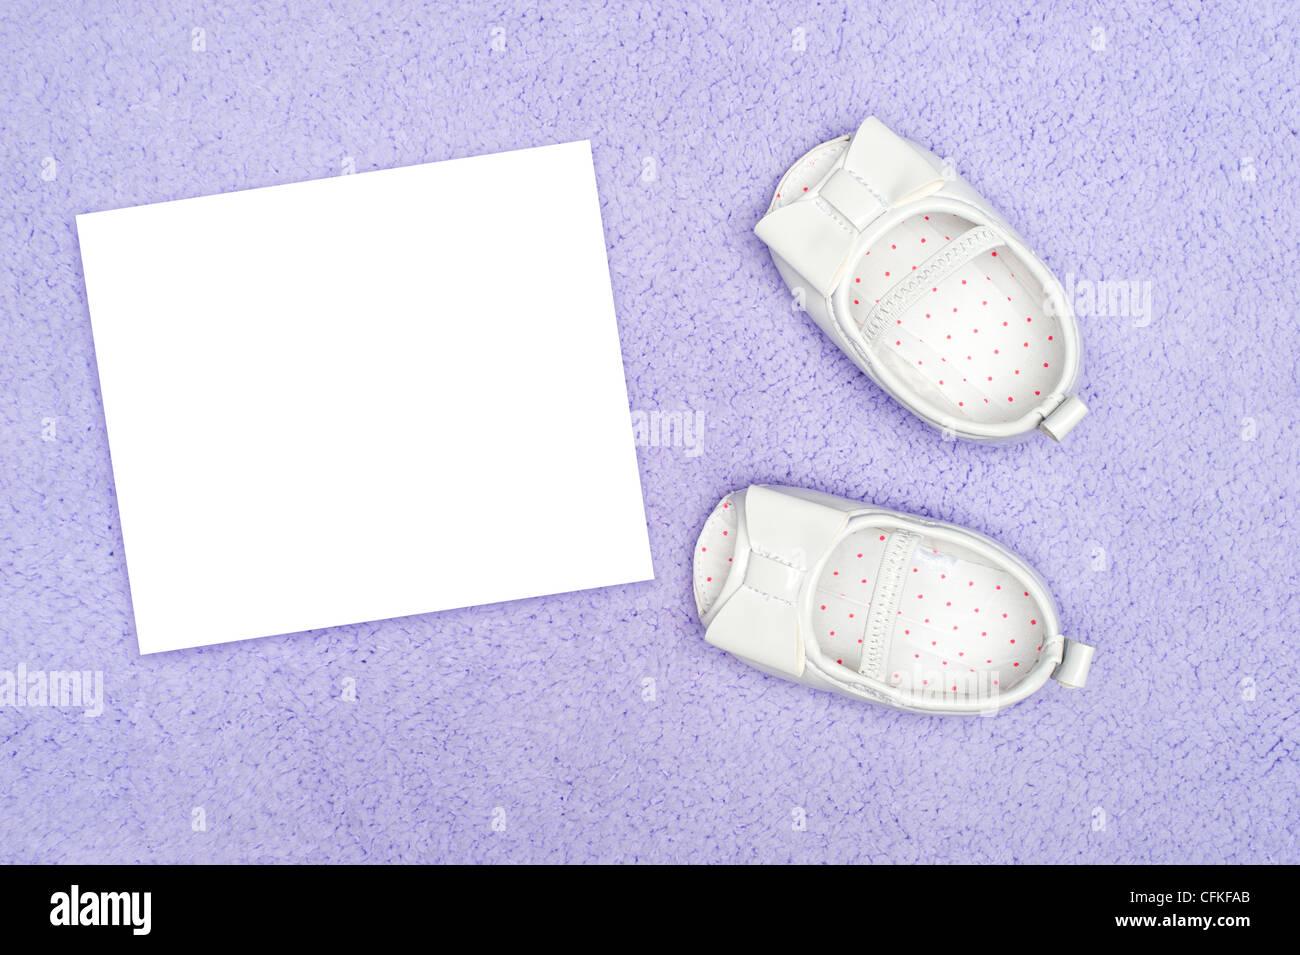 Chaussures De Ville Enfant Officielle Sur Tapis Violet, Blanc Avec Carte  Blanche Pour Lu0027exemplaire